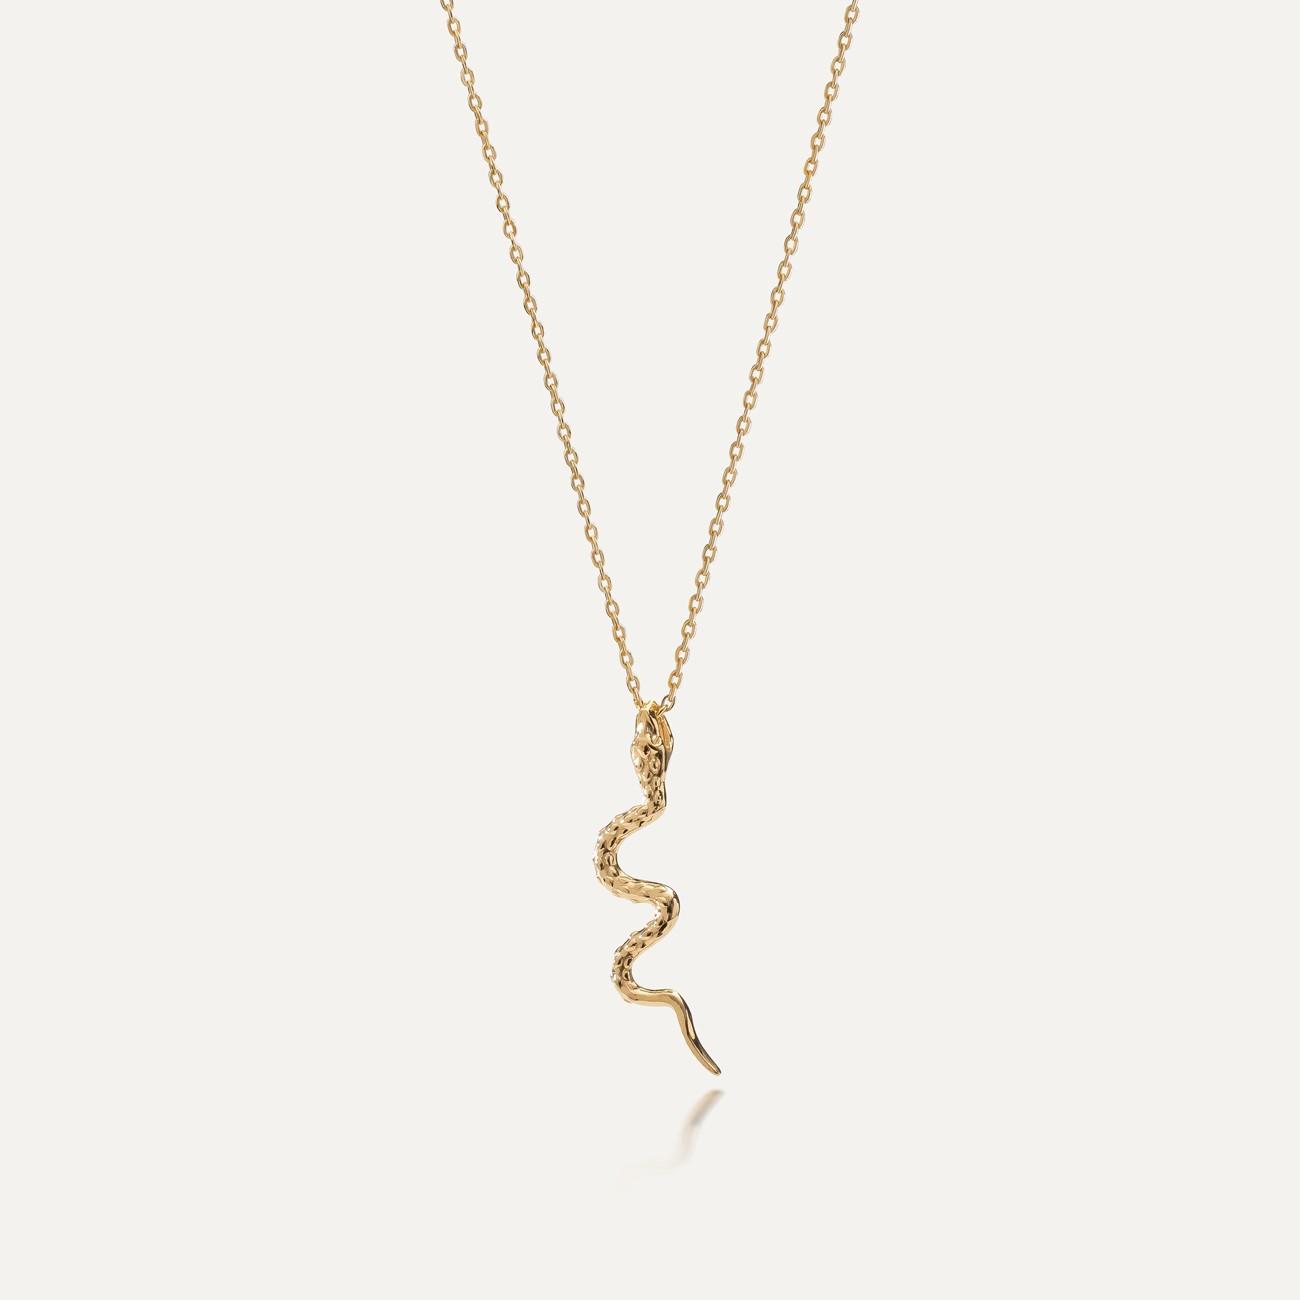 Srebrny naszyjnik wąż MON DÉFI, srebro 925